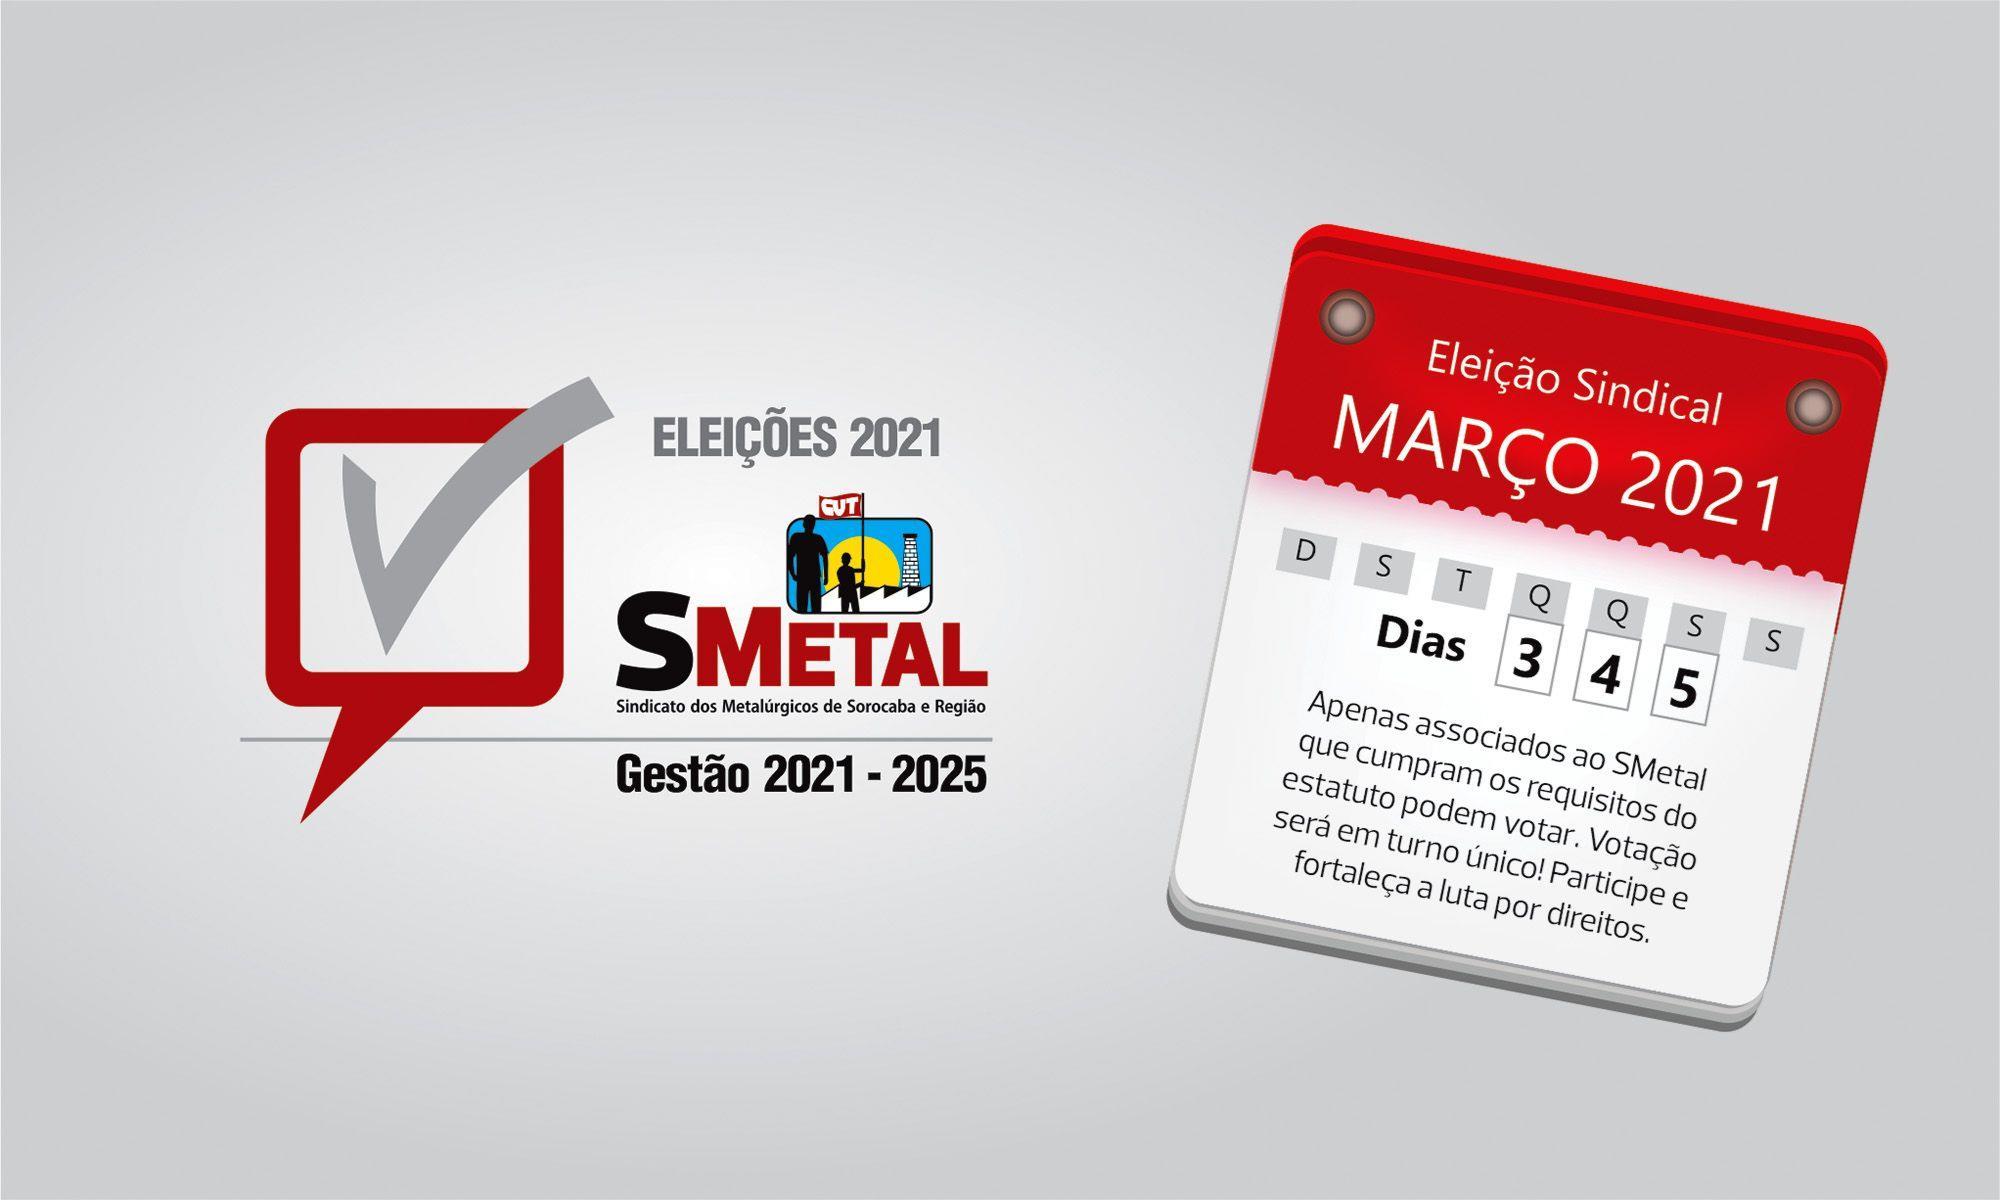 eleição, sindicato, metalúrgico, smetal, sorocaba, Arte: Cassio Freire